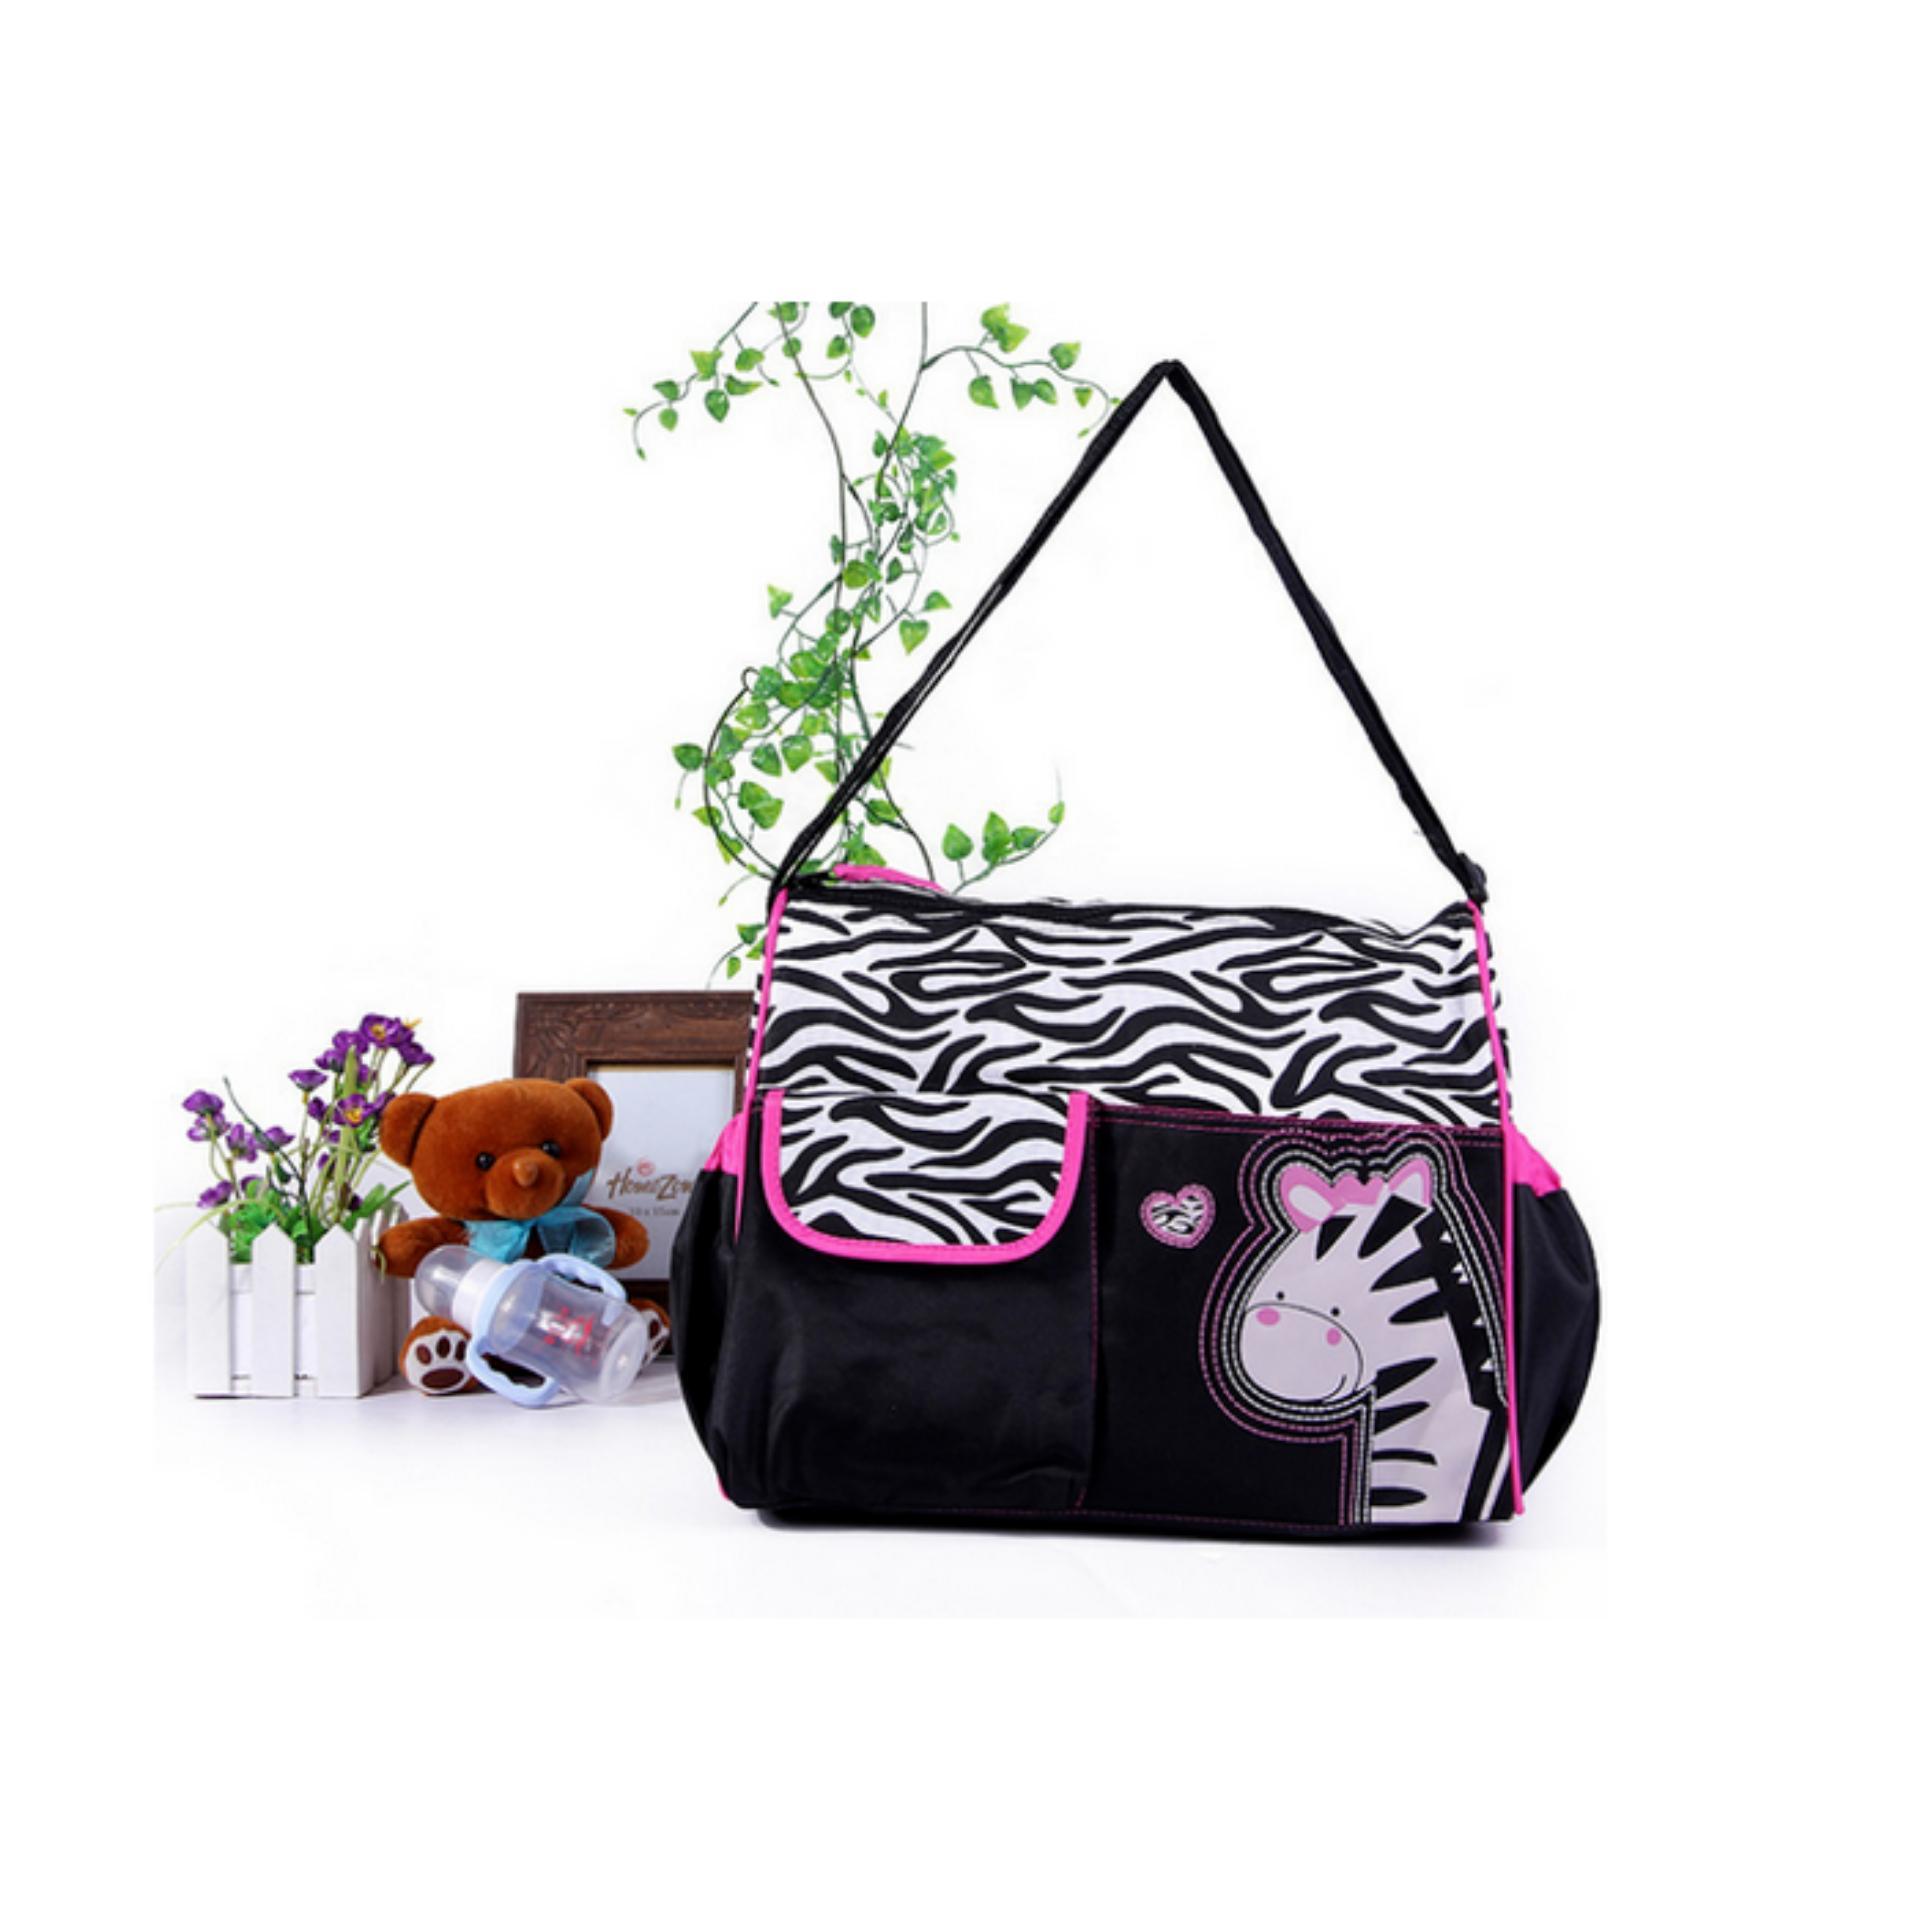 tas bayi kecil lazada tas baby tempat peralatan bayi tempat popok bayi tas  bepergian untuk bayi 5a97347261